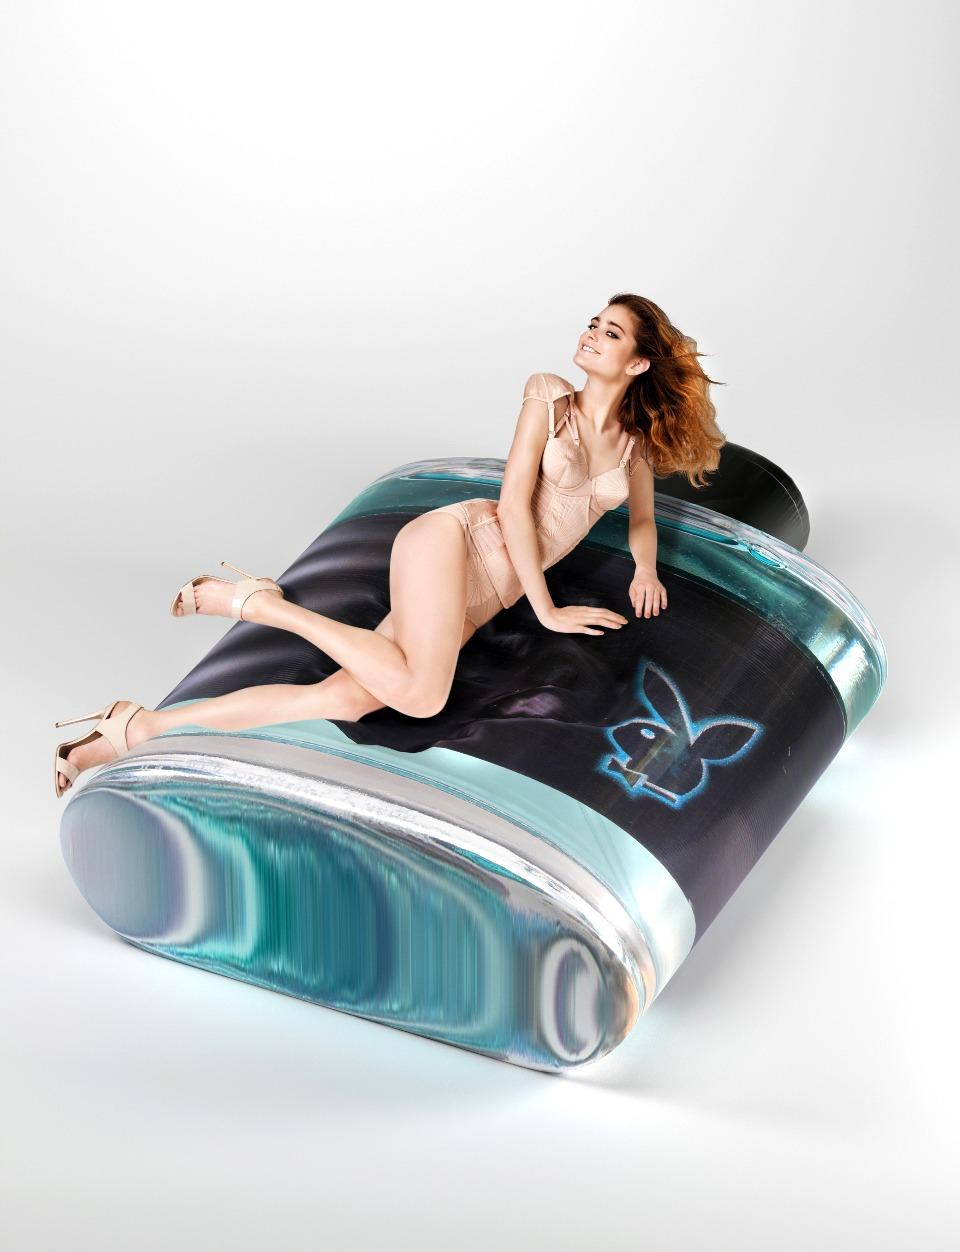 Playboy - Playboy Ibiza